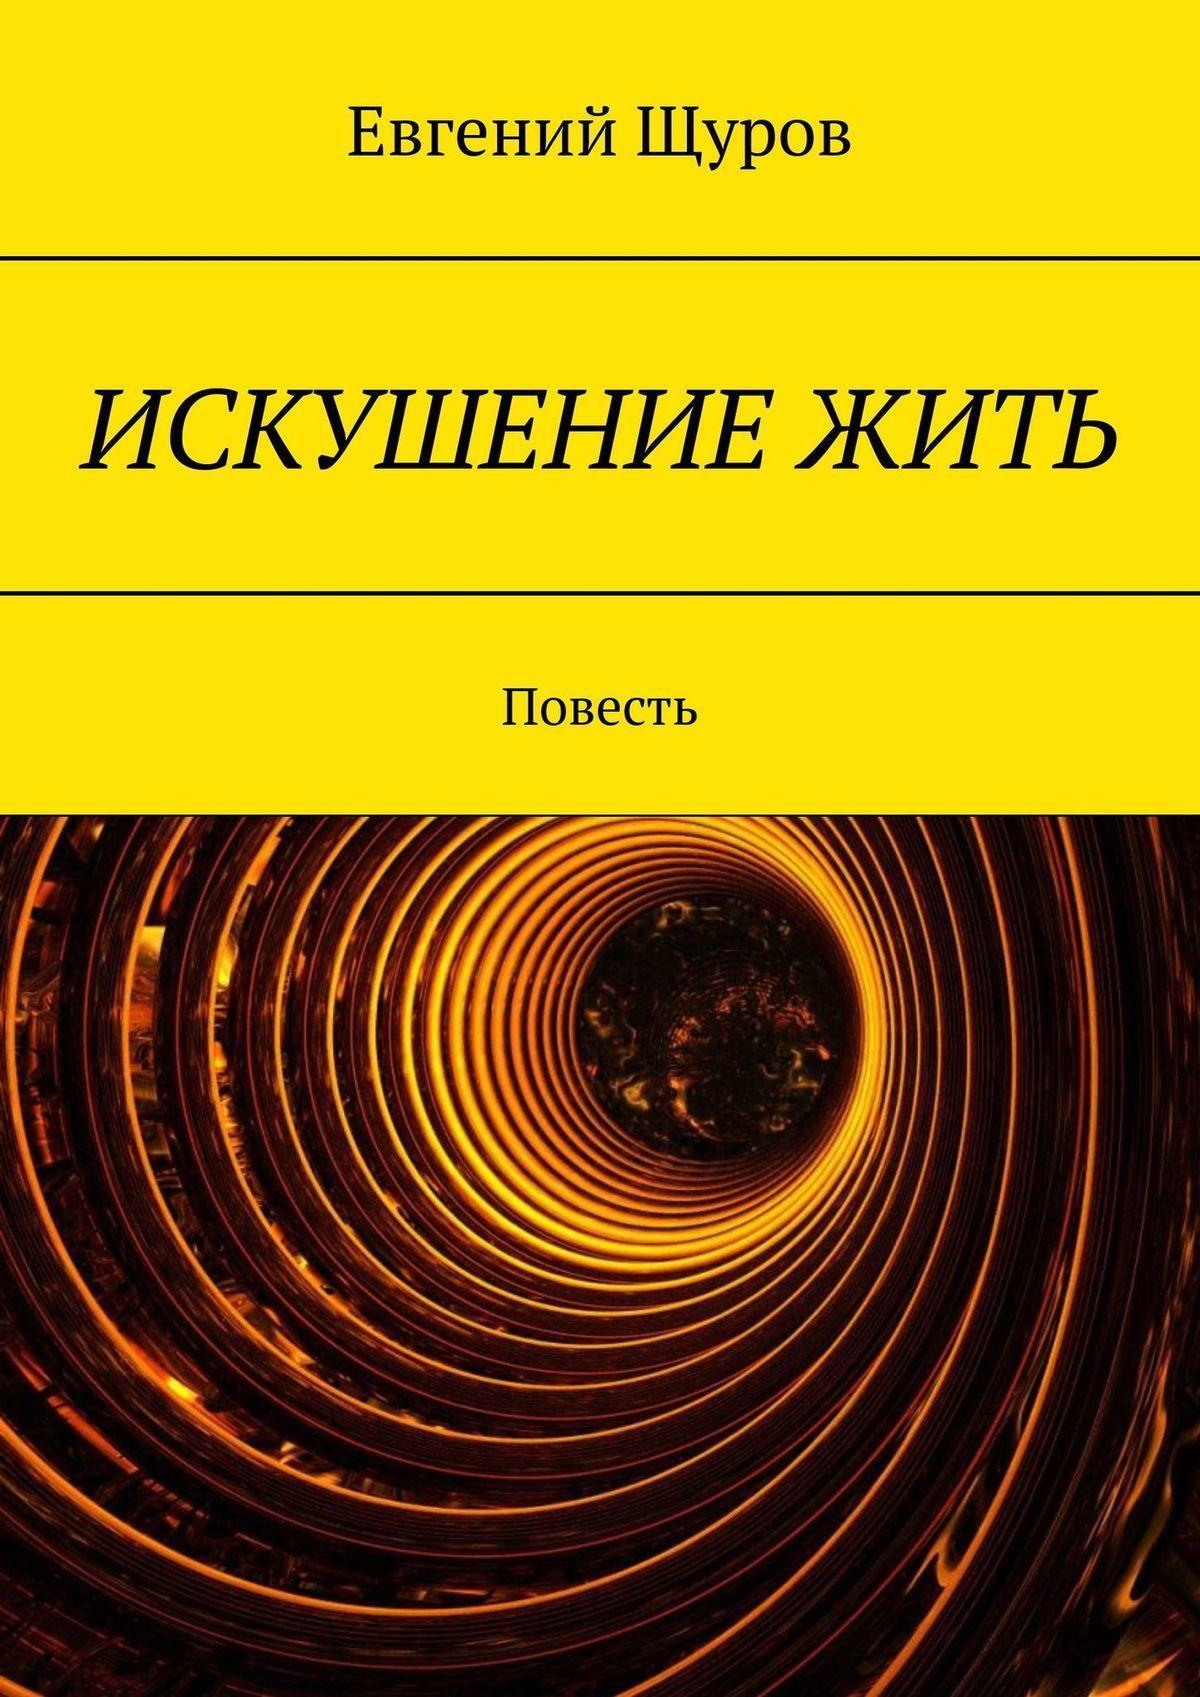 Евгений Щуров - ИСКУШЕНИЕ ЖИТЬ. Повесть